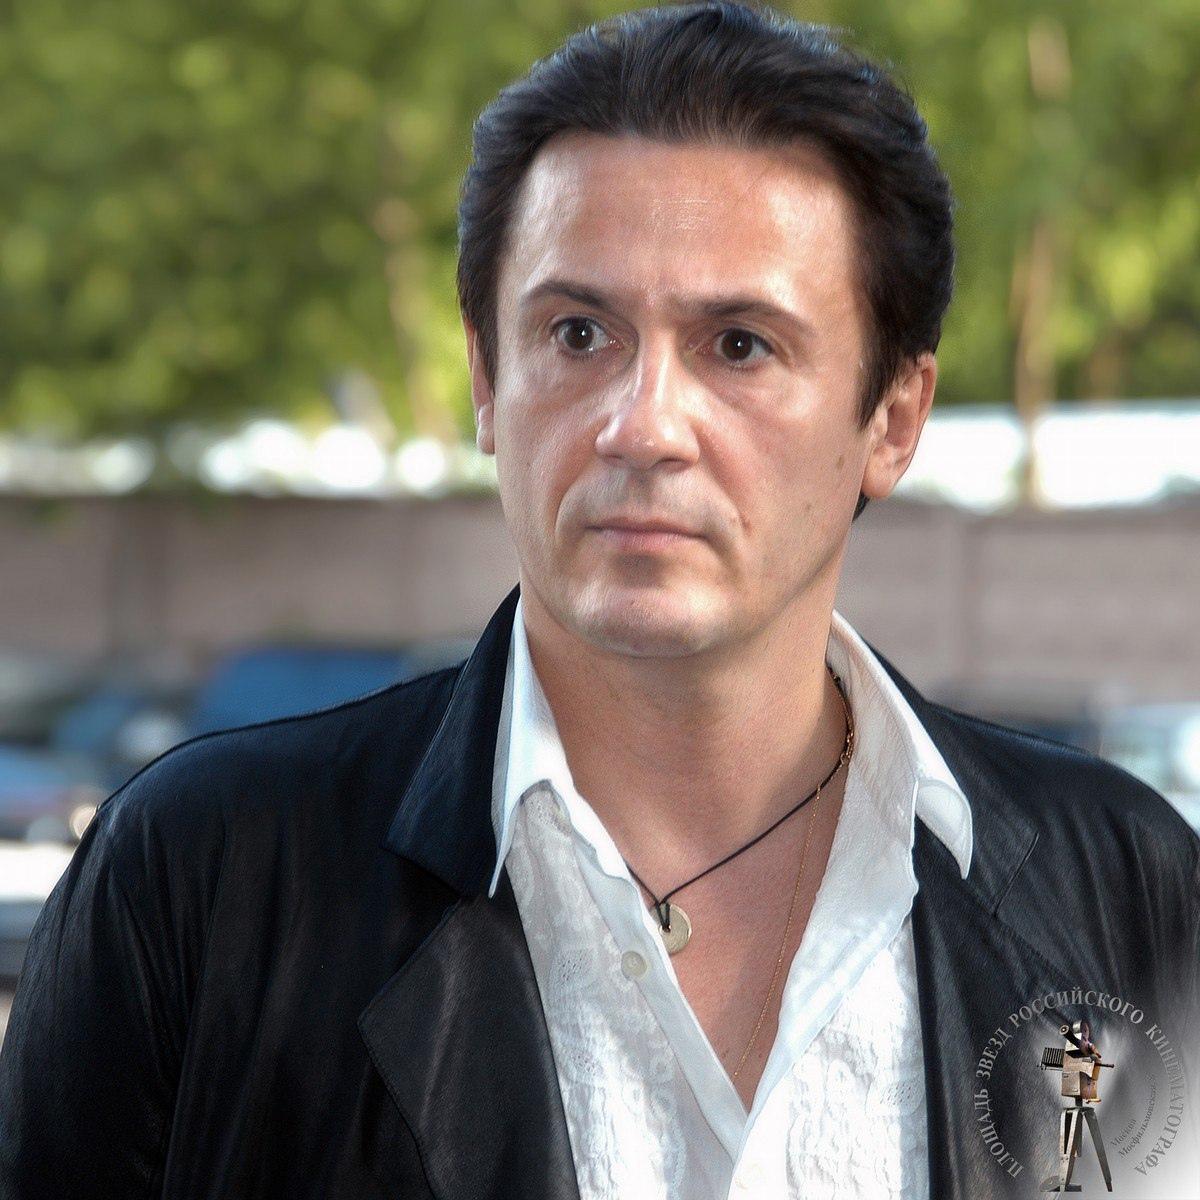 Сегодня свой день рождения отмечает Меньшиков Олег Евгеньевич.